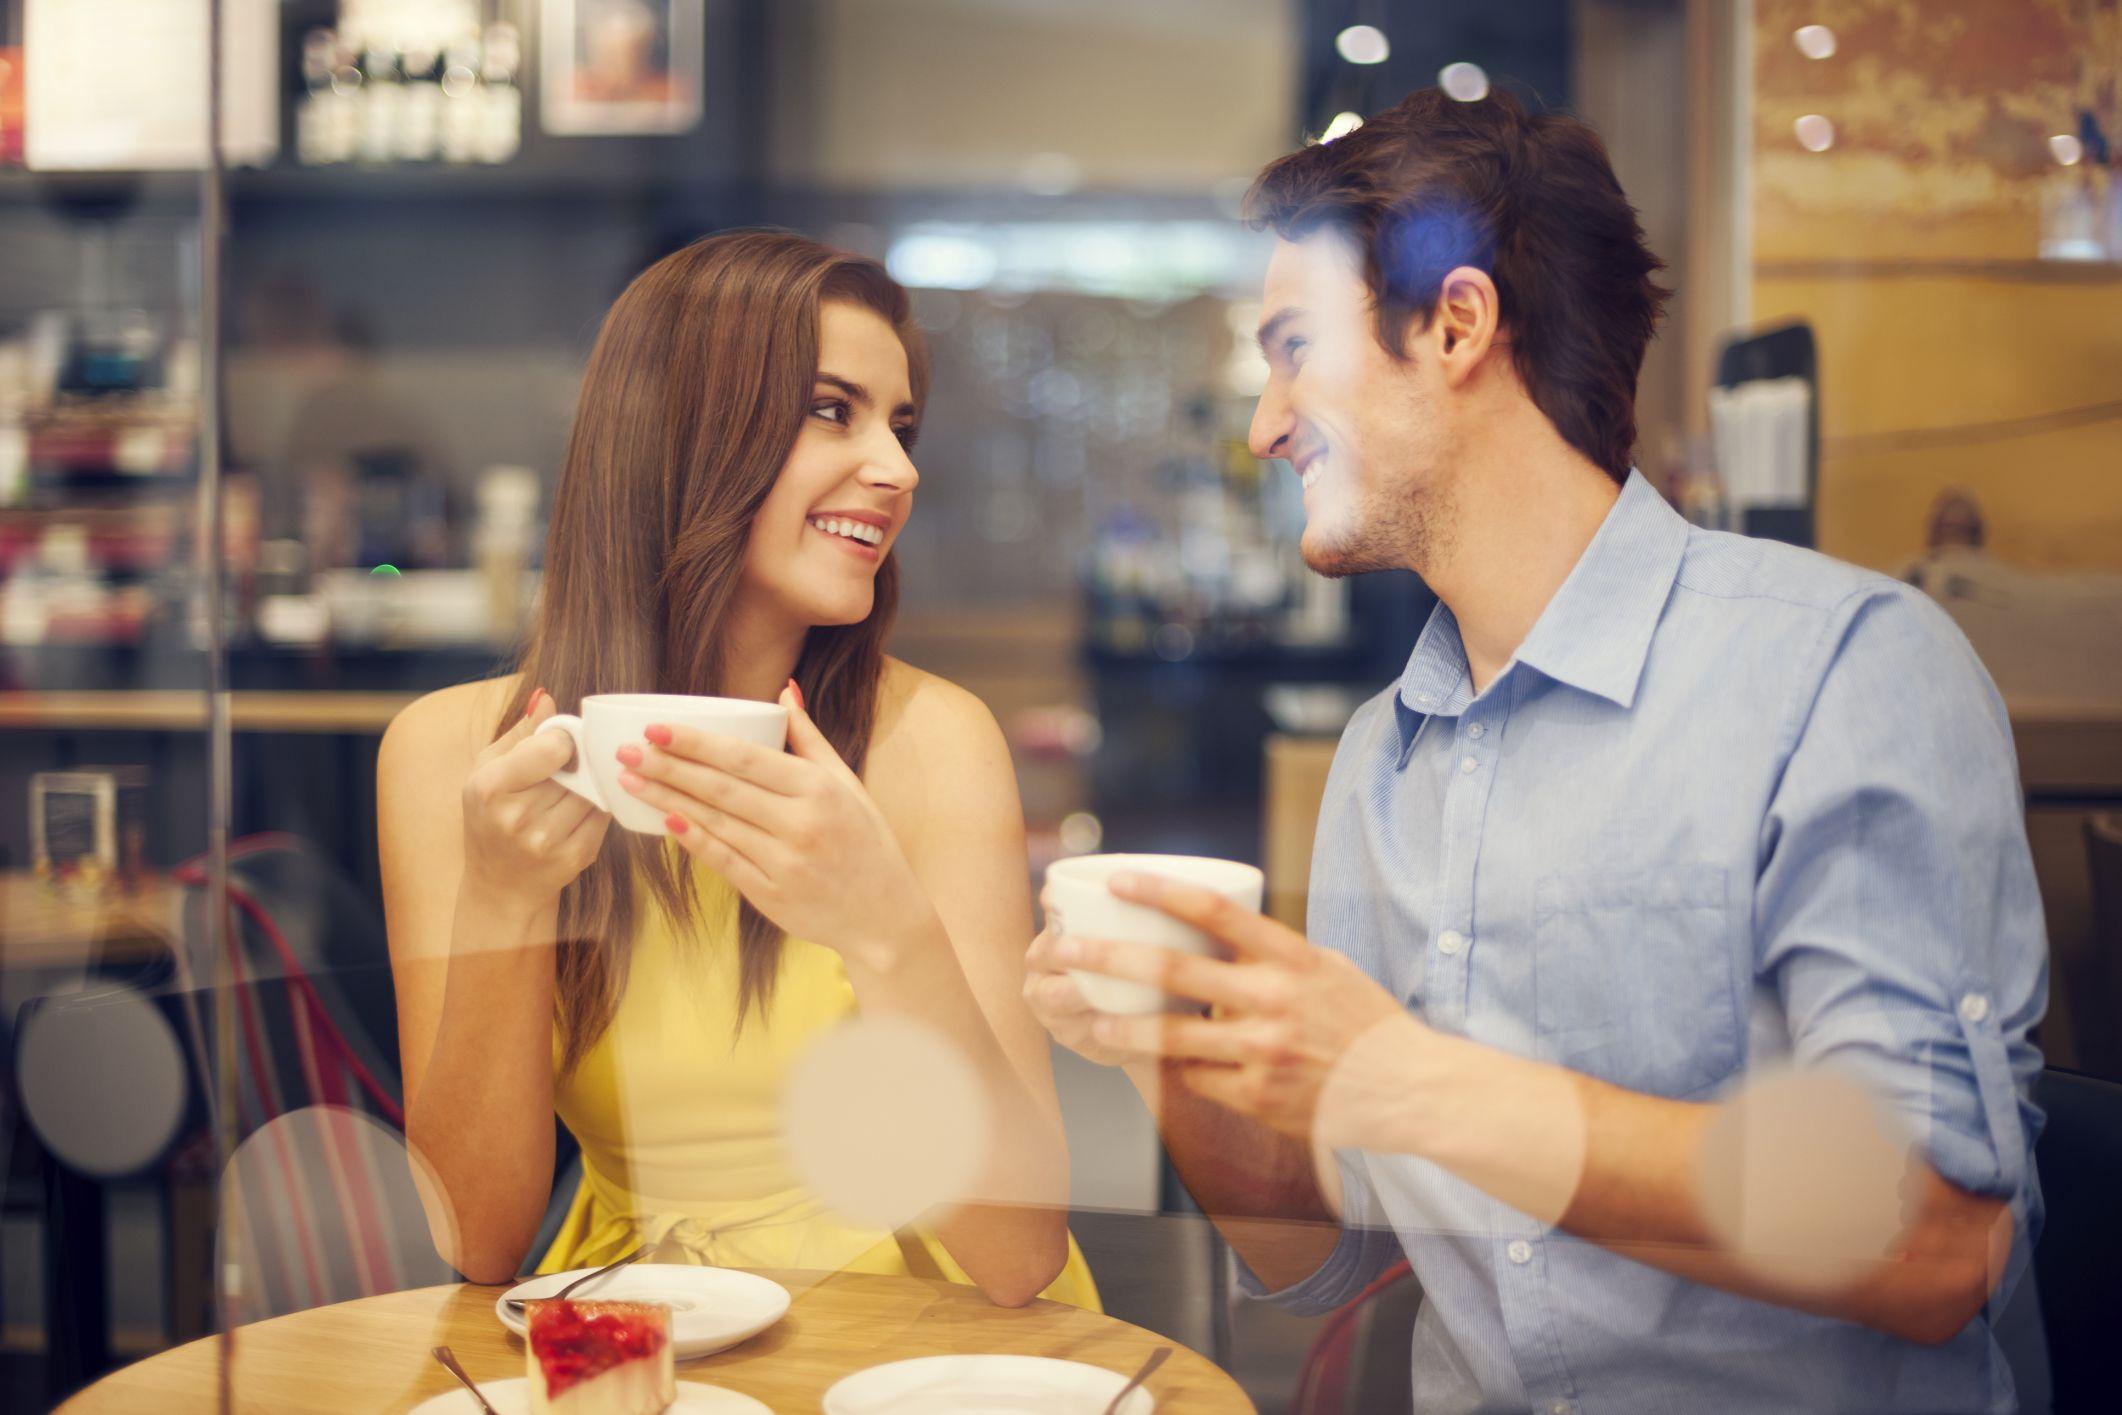 кафе знакомства